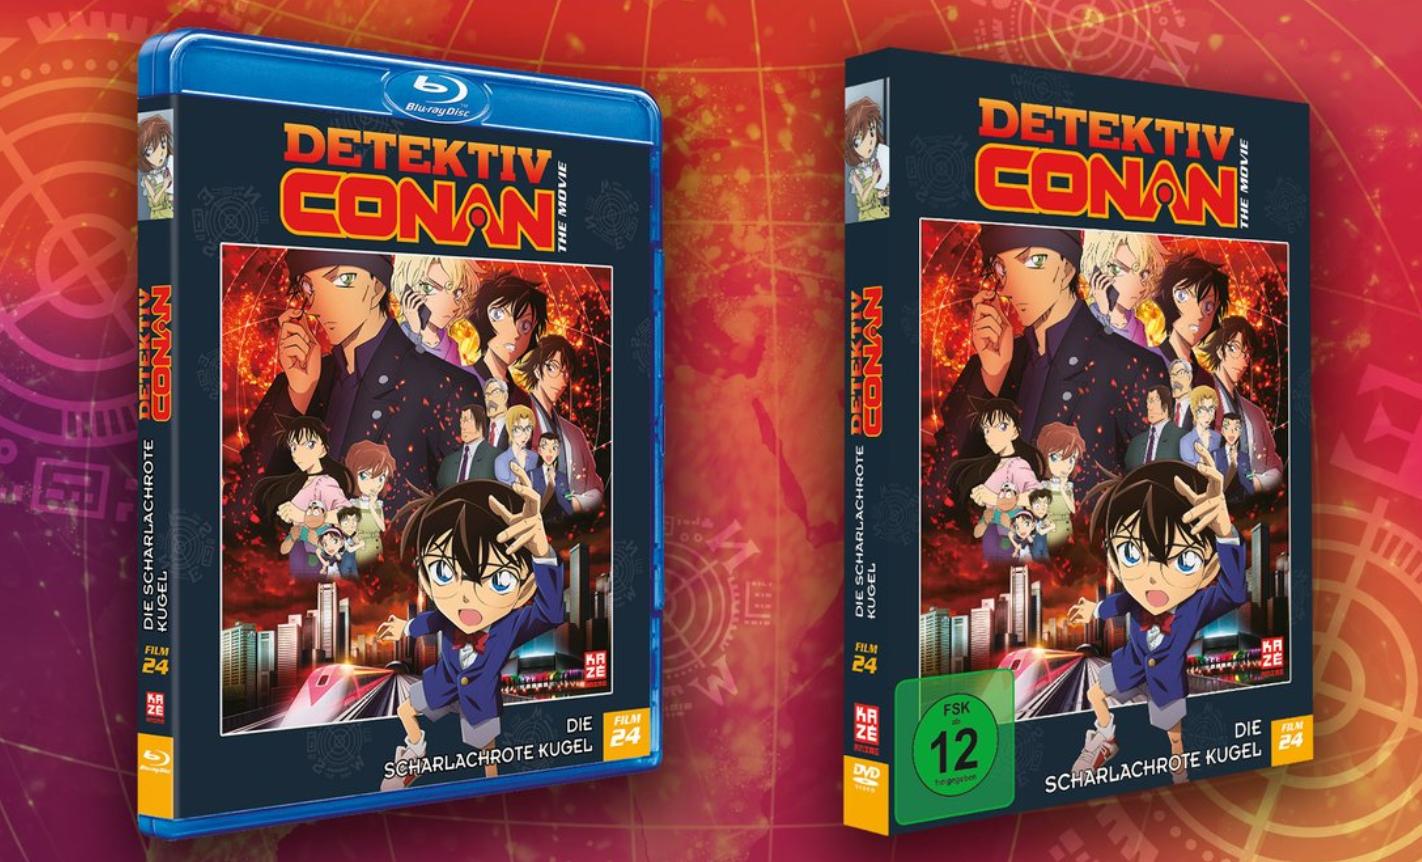 """Finales Cover zu Film 24 """"Die scharlachrote Kugel"""" veröffentlicht"""